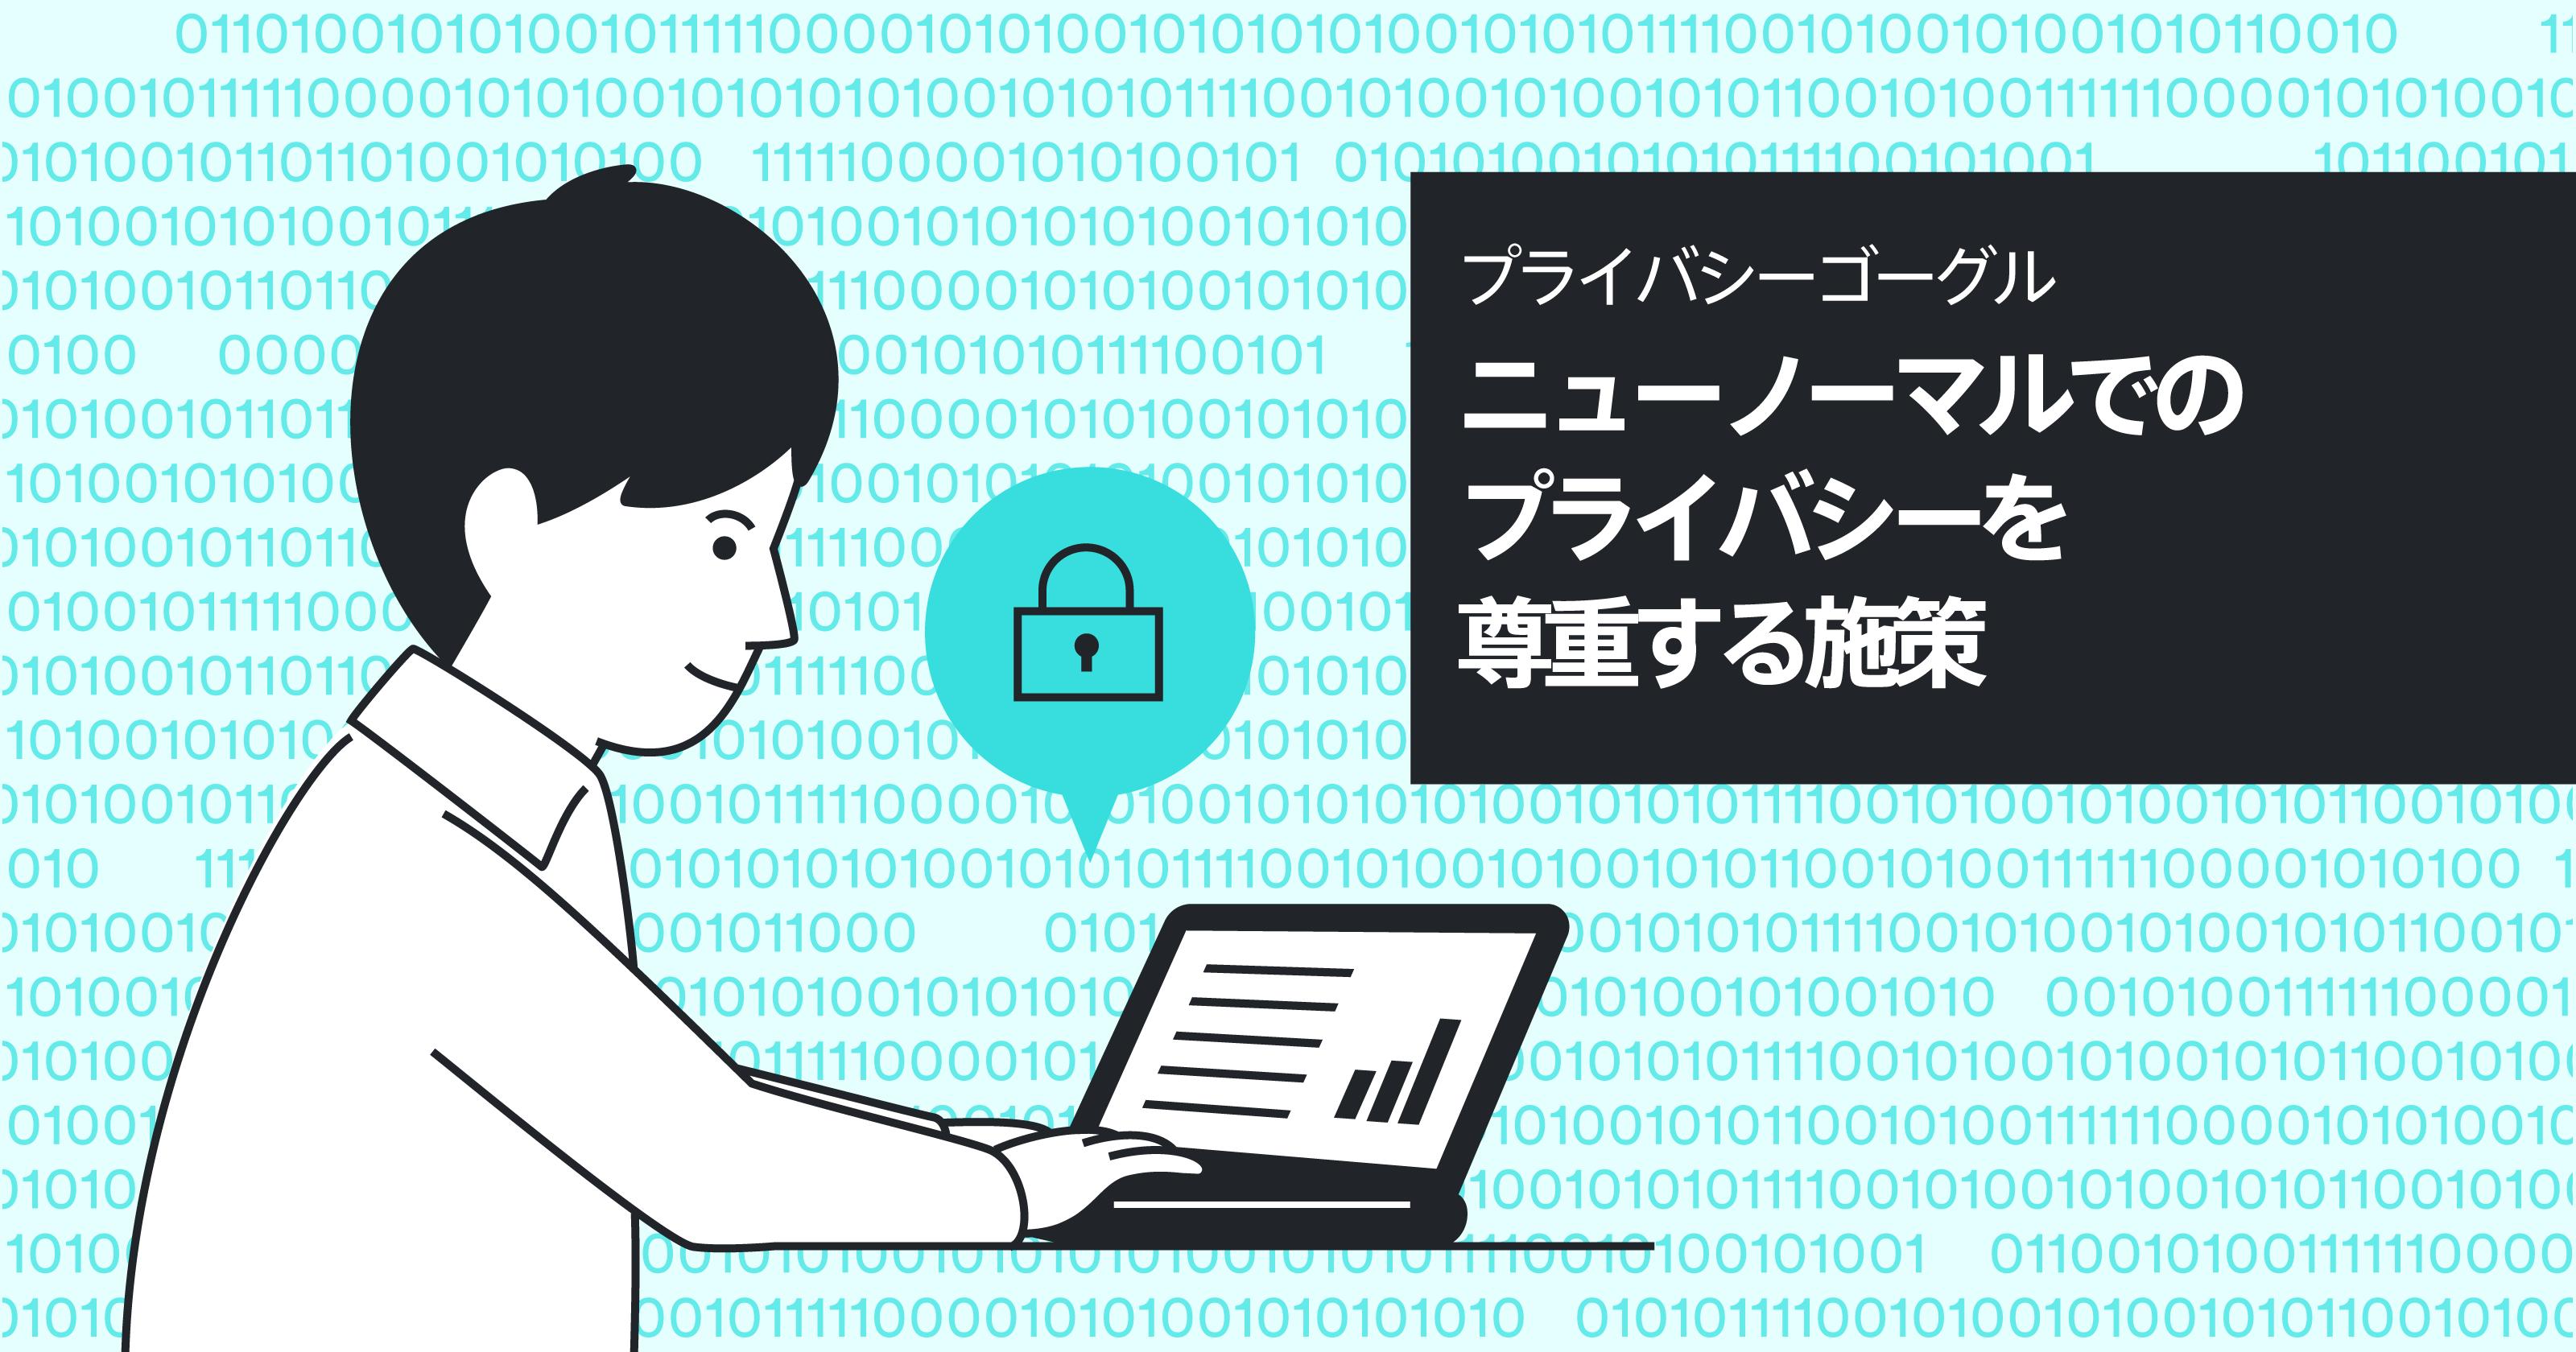 ニューノーマルでのプライバシーを尊重する施策|プライバシーゴーグル